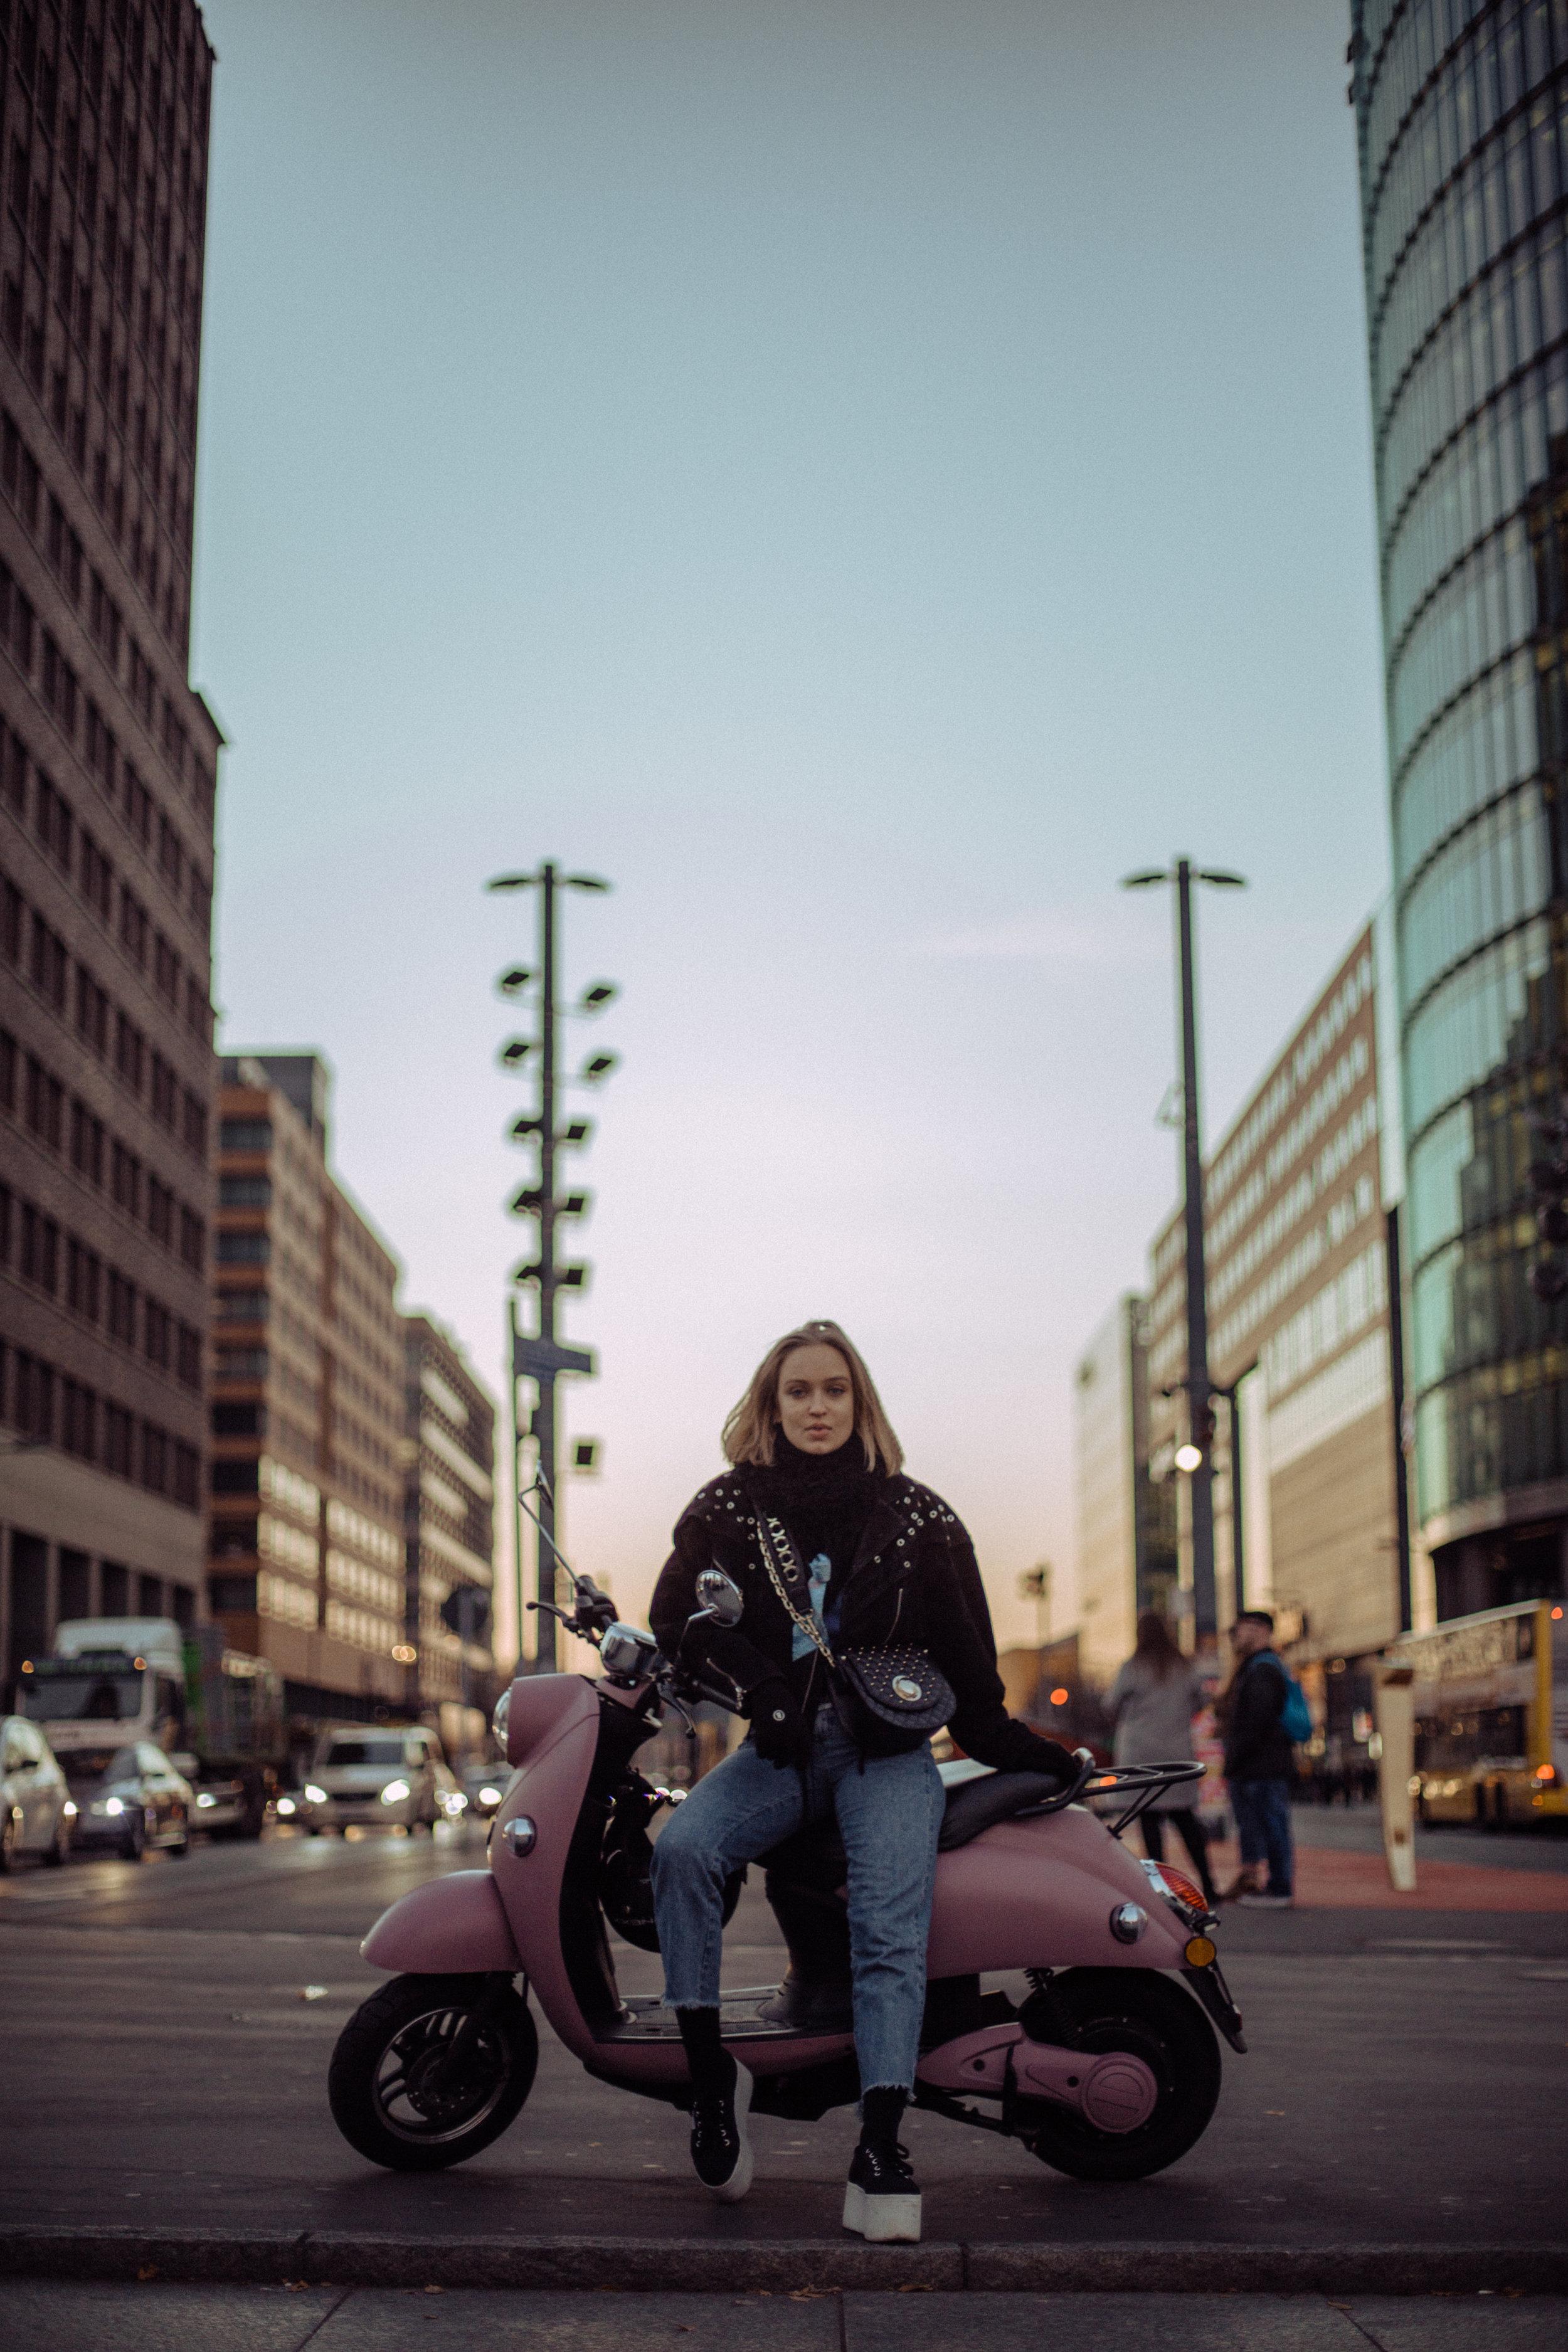 """""""Pour moi, Berlin est une personnalité charmante et insolente. Il suffit de l'aimer – malgré tous ses mystères et ses côtés sombres."""" Caro Cult"""